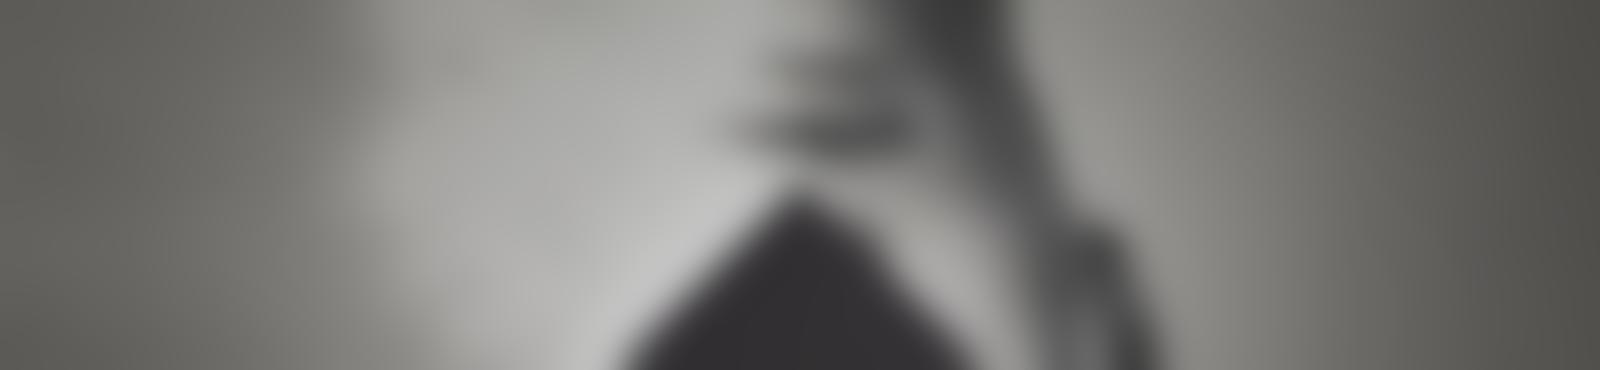 Blurred 7222f26b e175 4933 8178 a20d30788f74